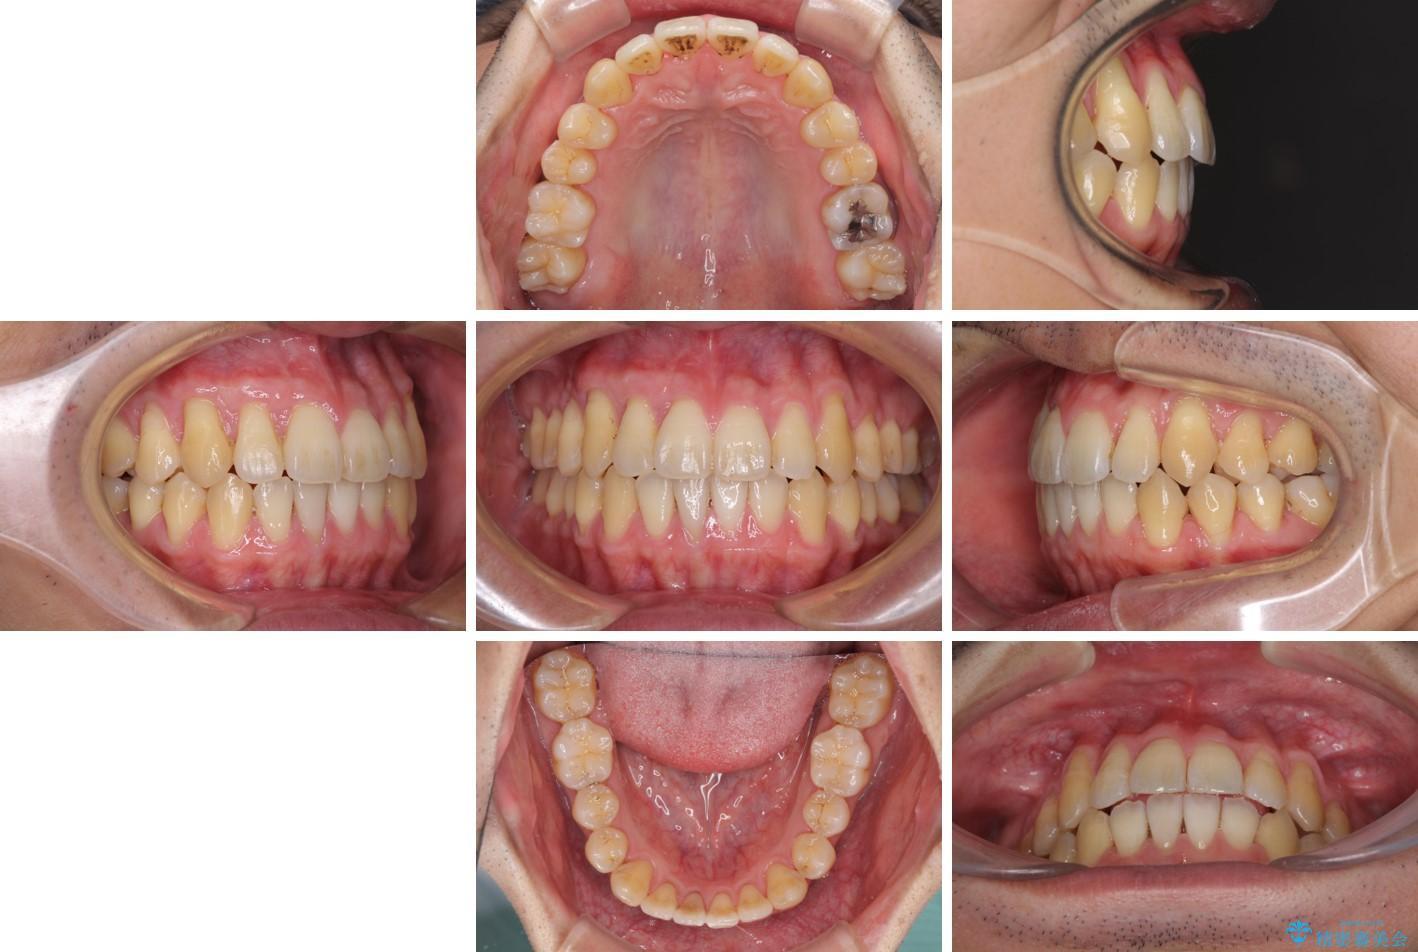 インビザラインによる矯正歯科治療と前歯の根面被覆 治療後画像